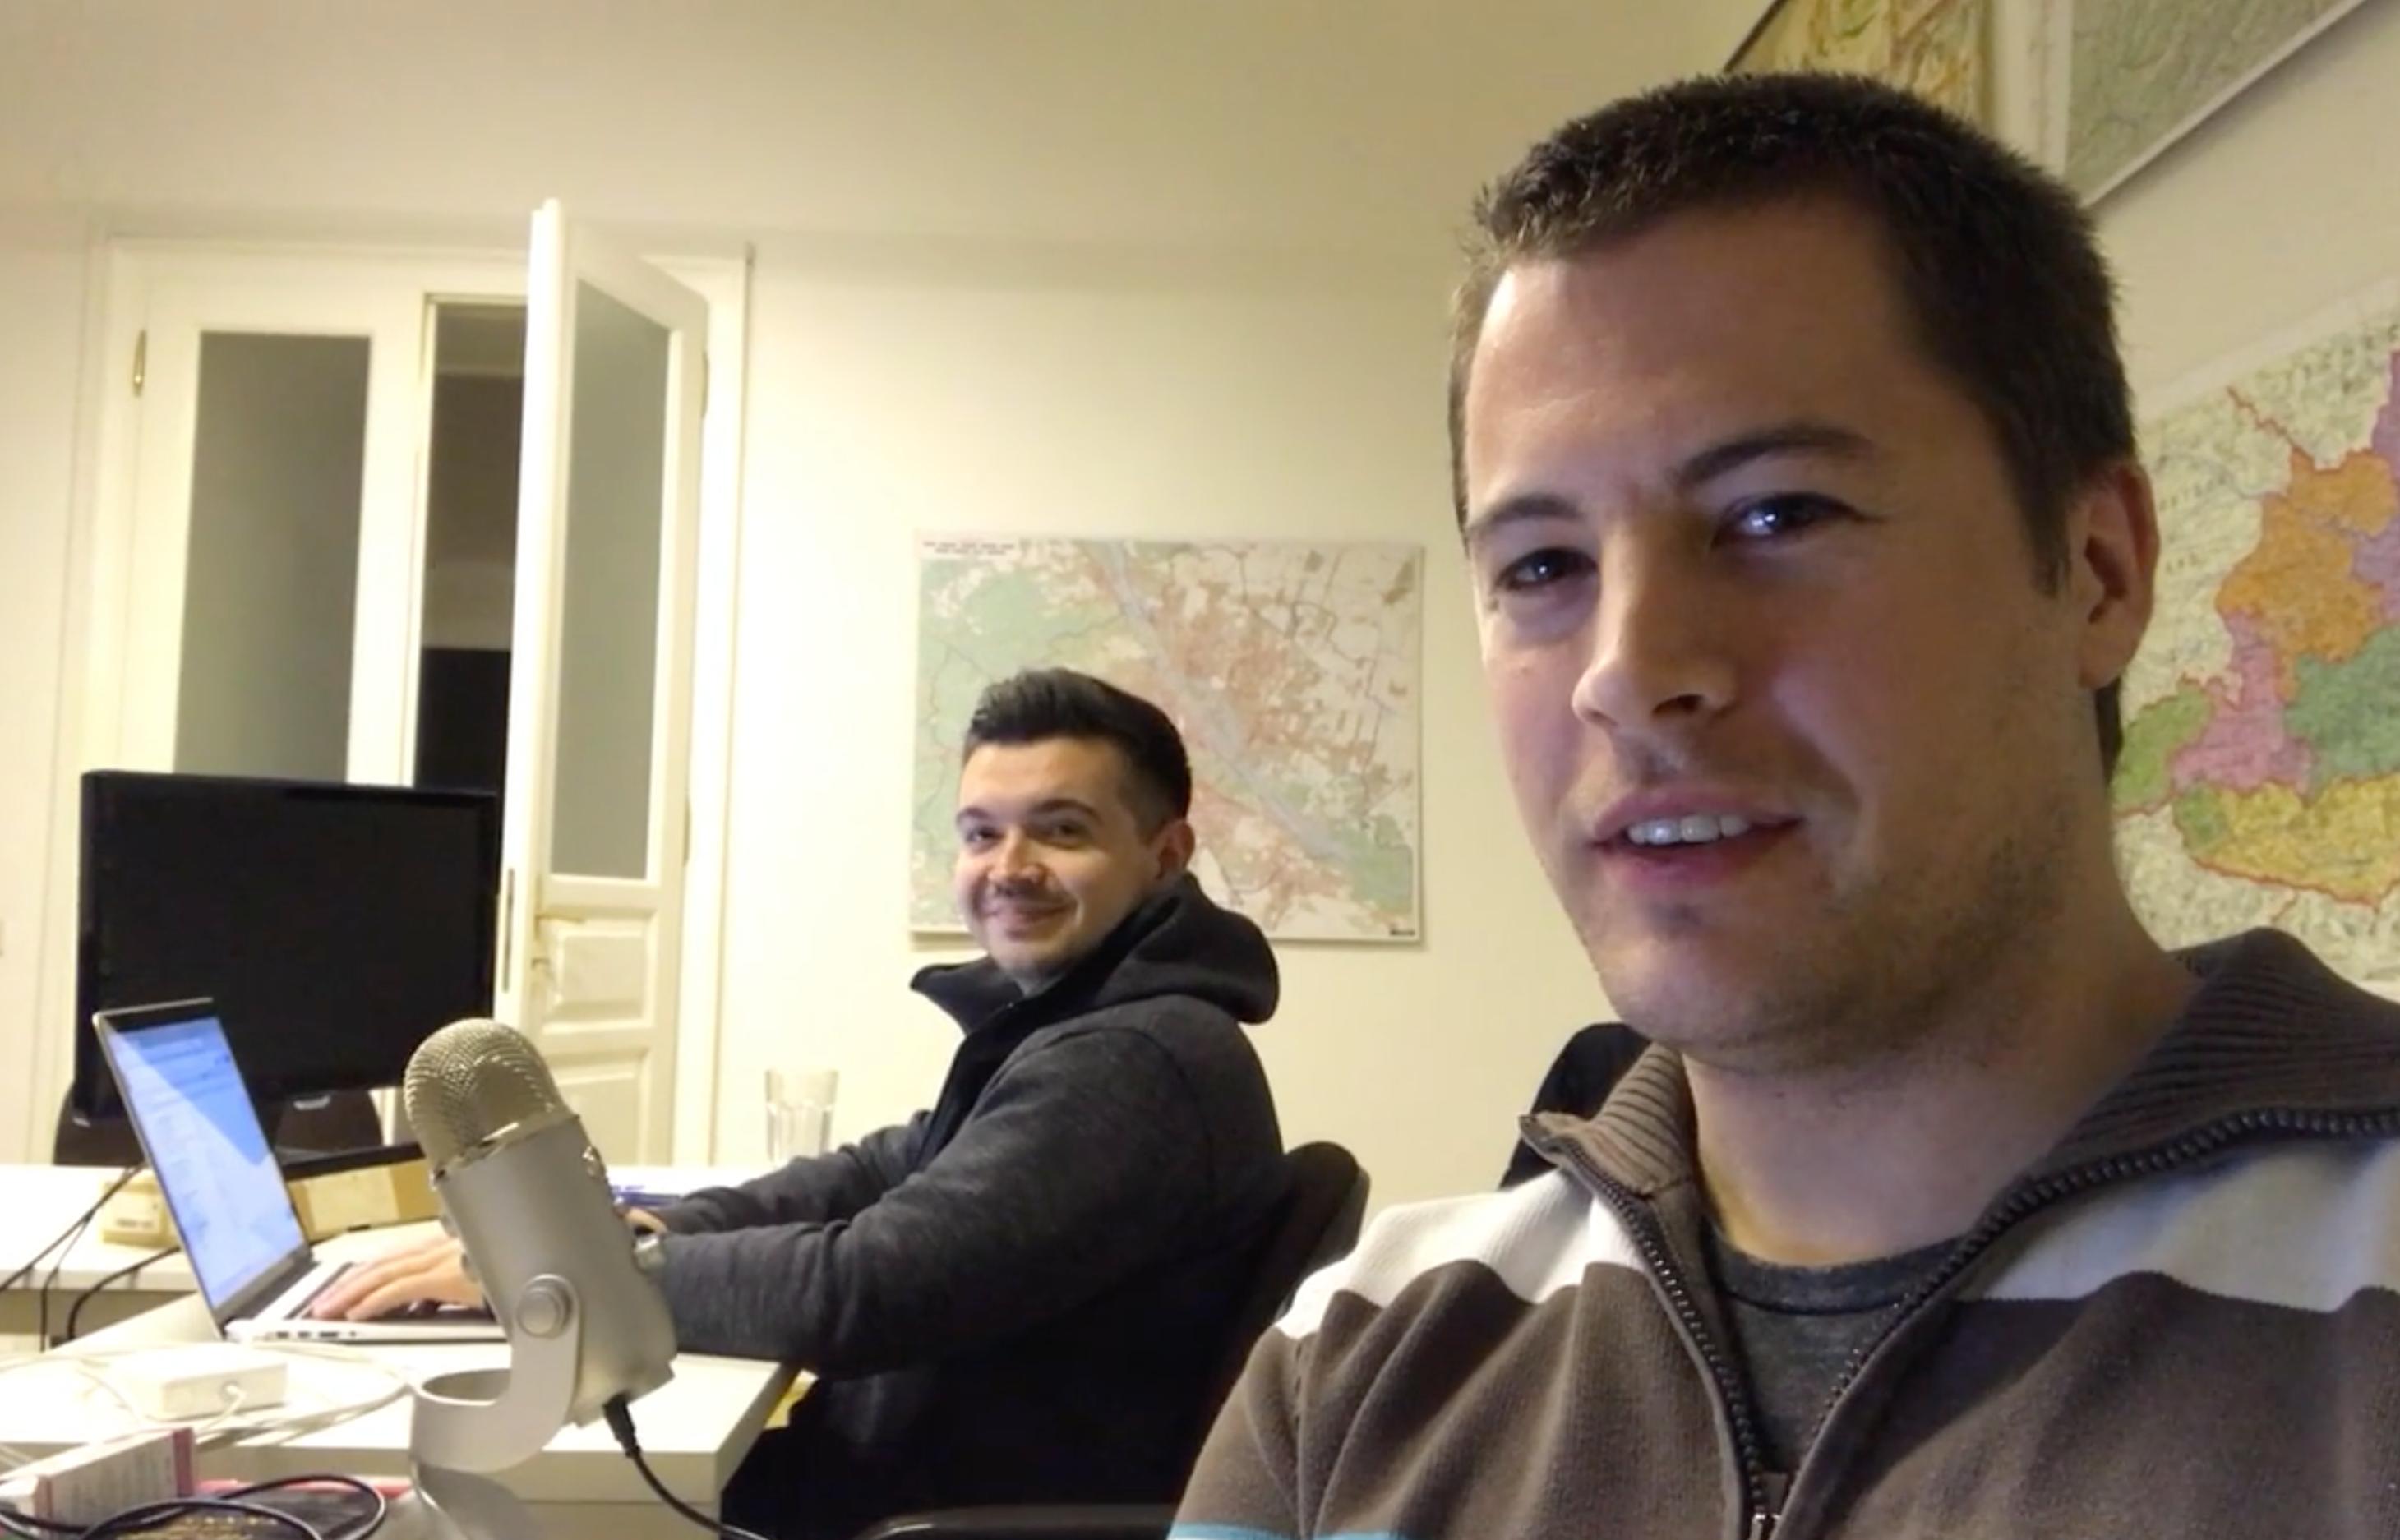 Artur und Jakob am Freitagabend arbeiten - Online Business aufbauen